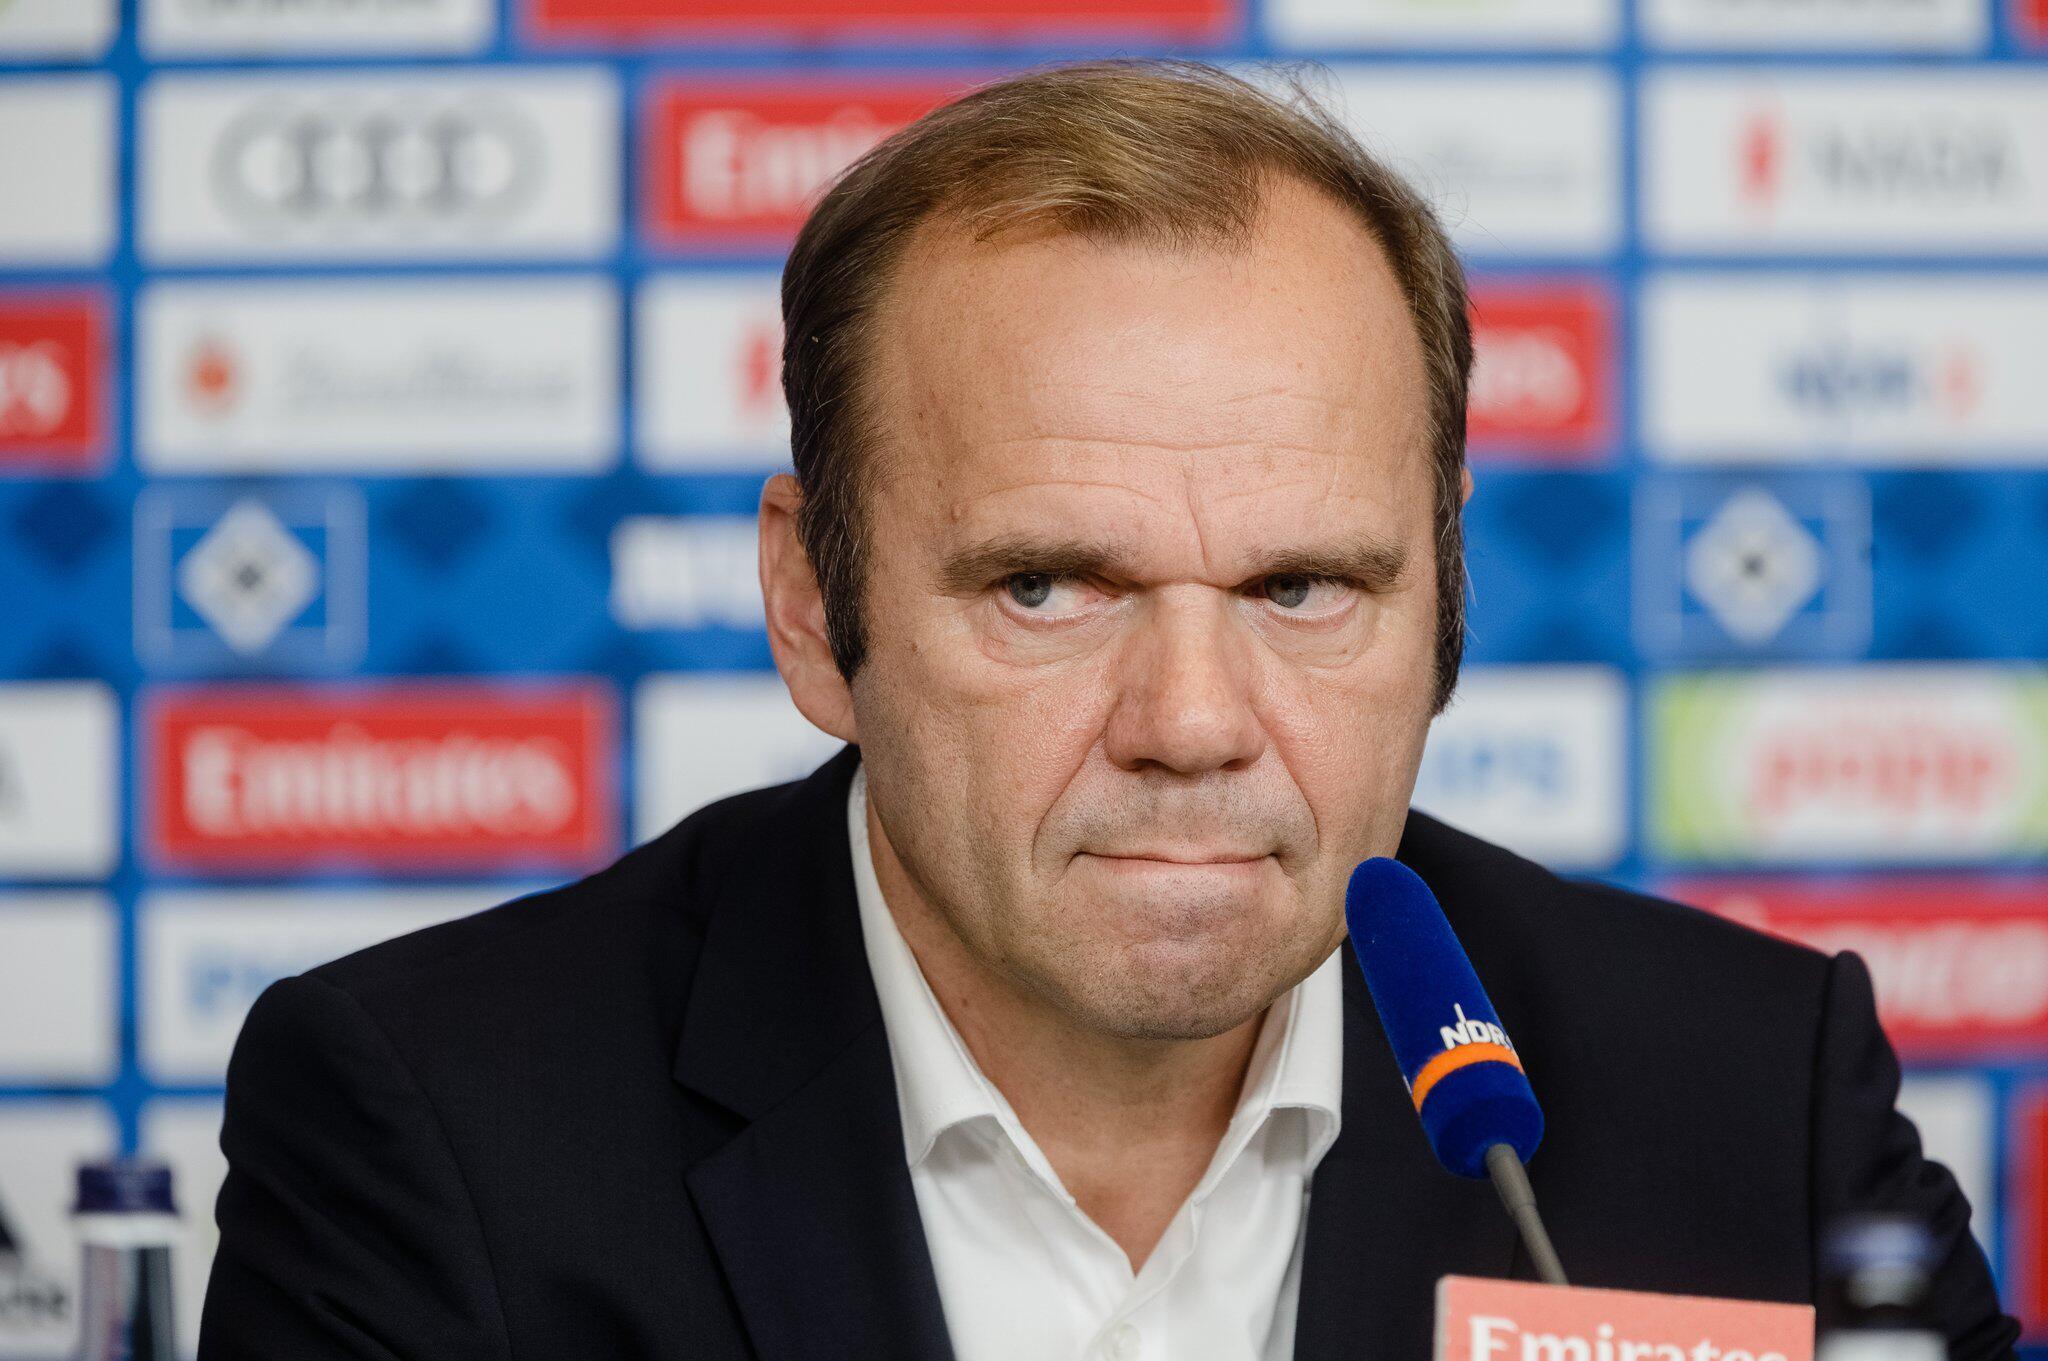 Bild zu Bernd Hoffmann, Hamburger SV, Vorstand, Vorstandsvorsitzender